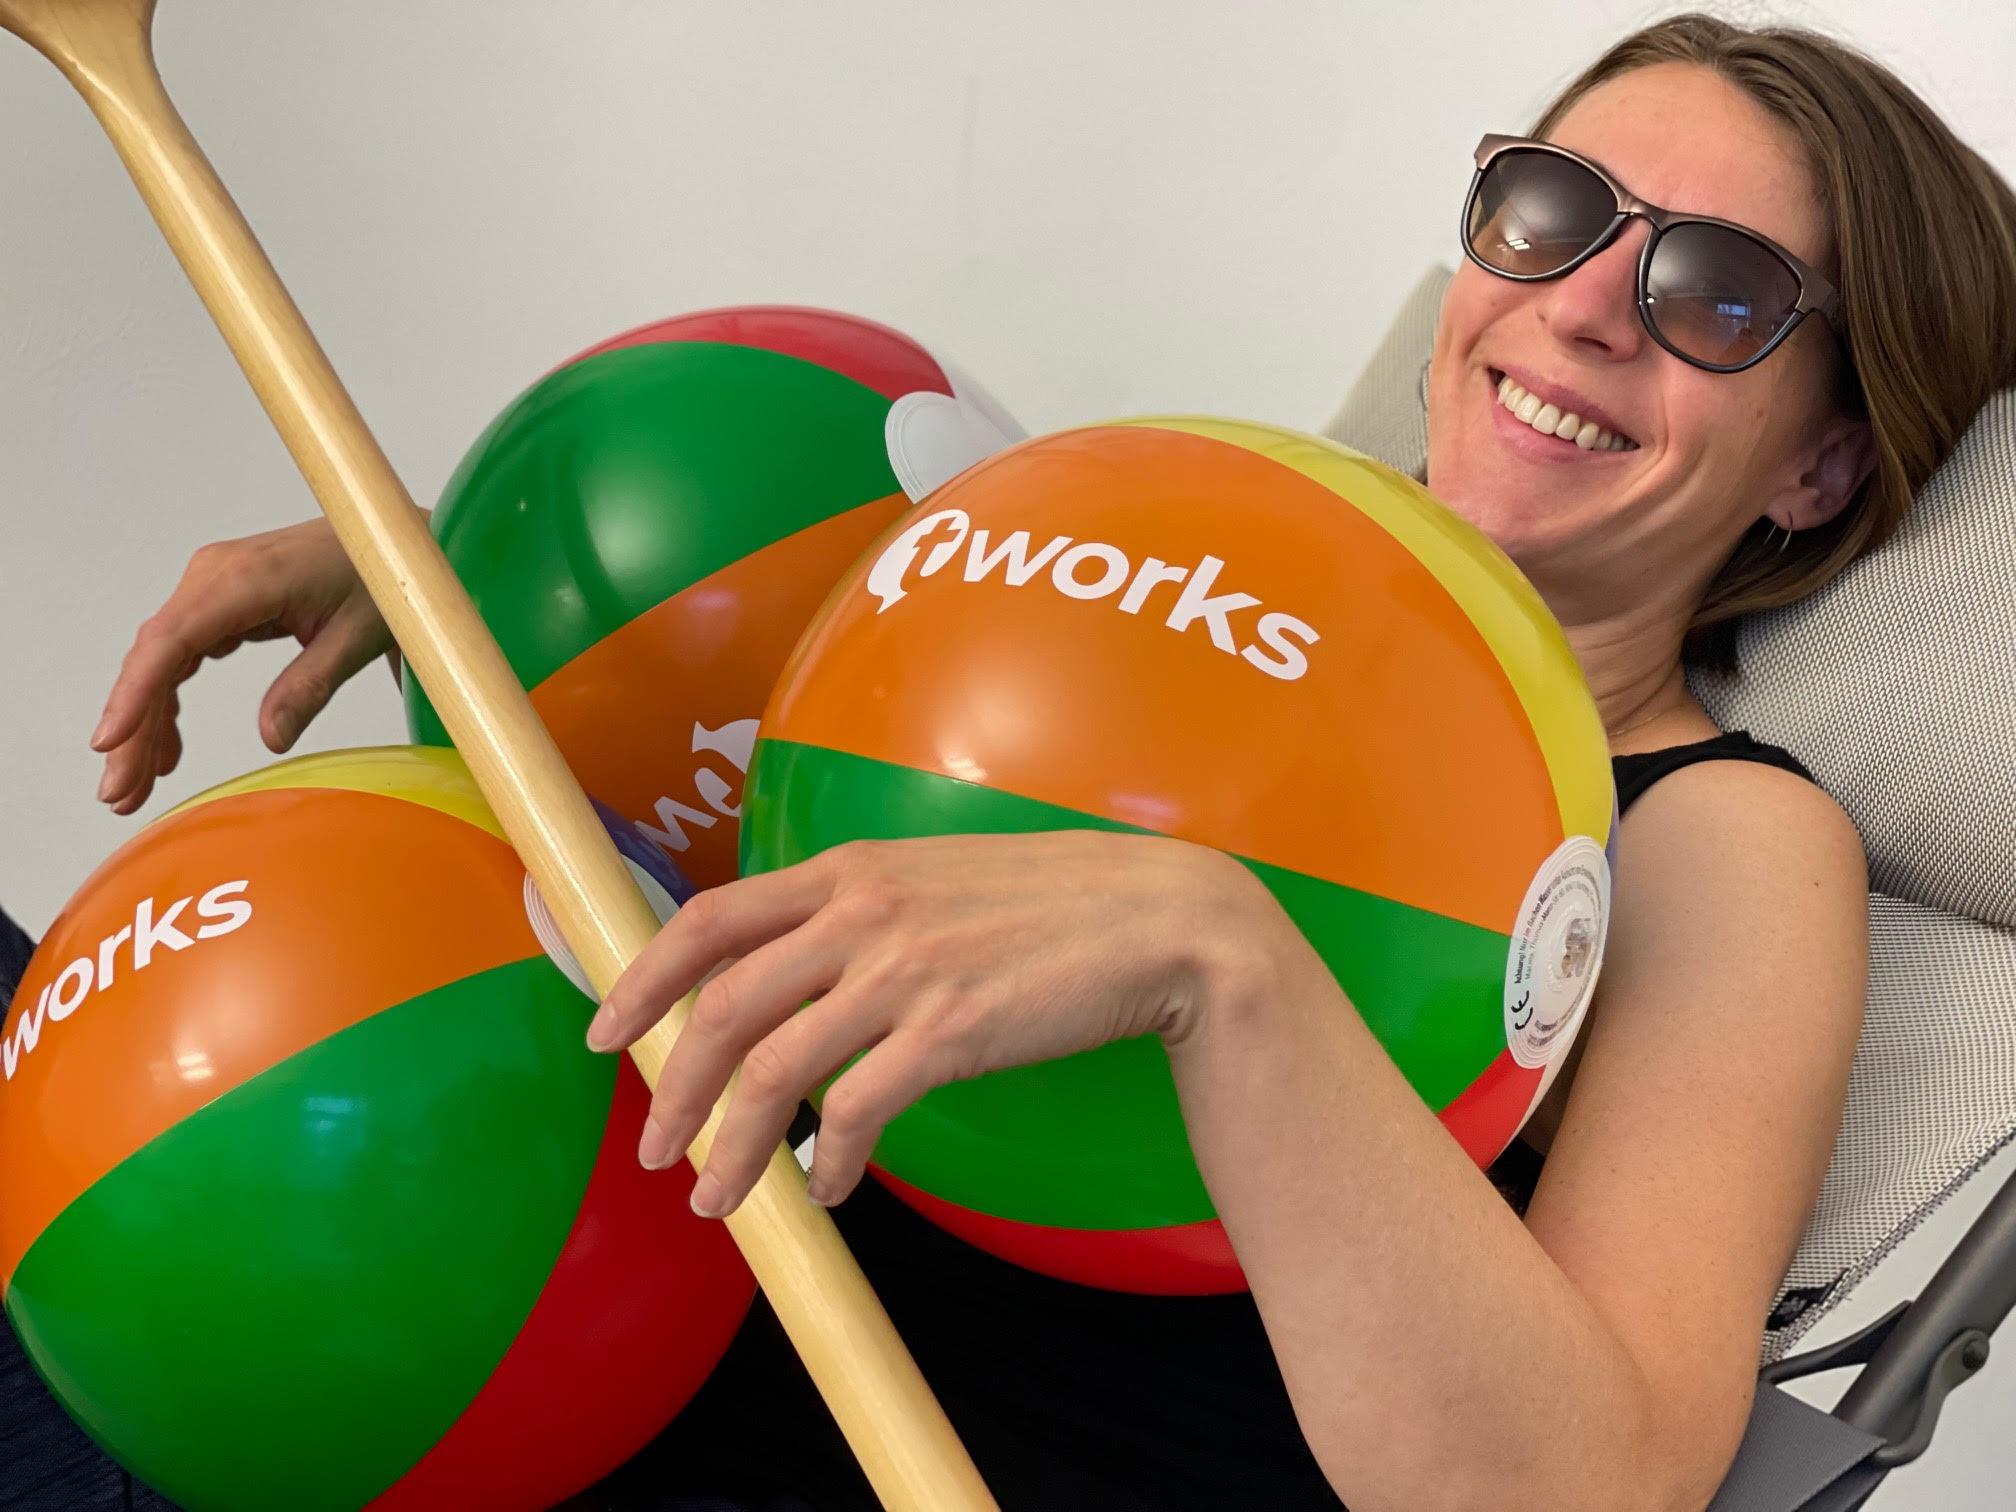 Marija Sperlich wirh t'works give aways